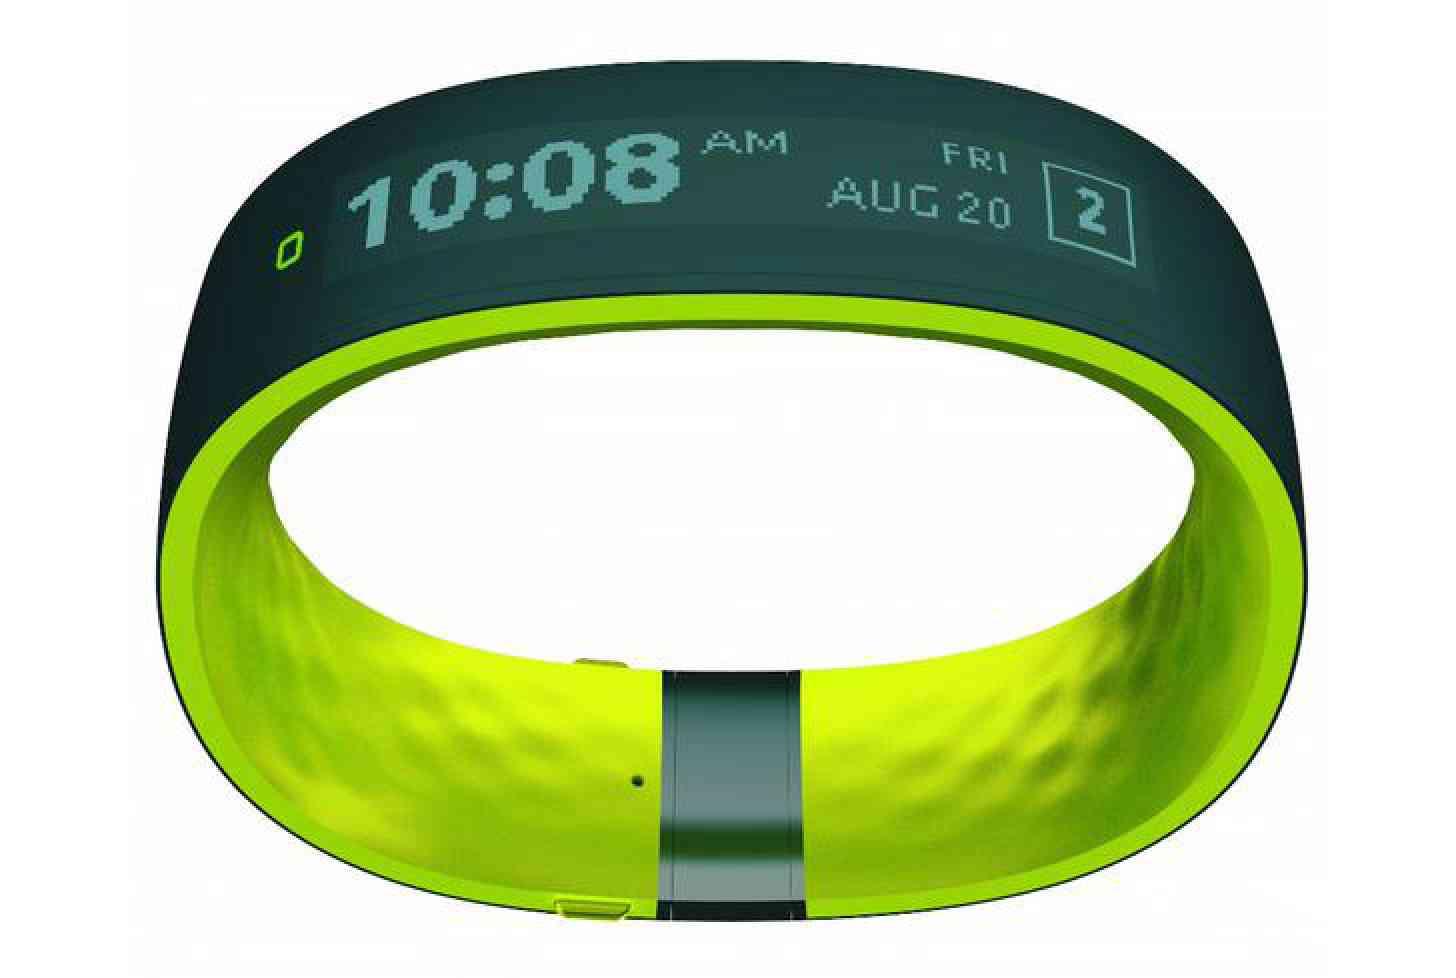 HTC Grip large